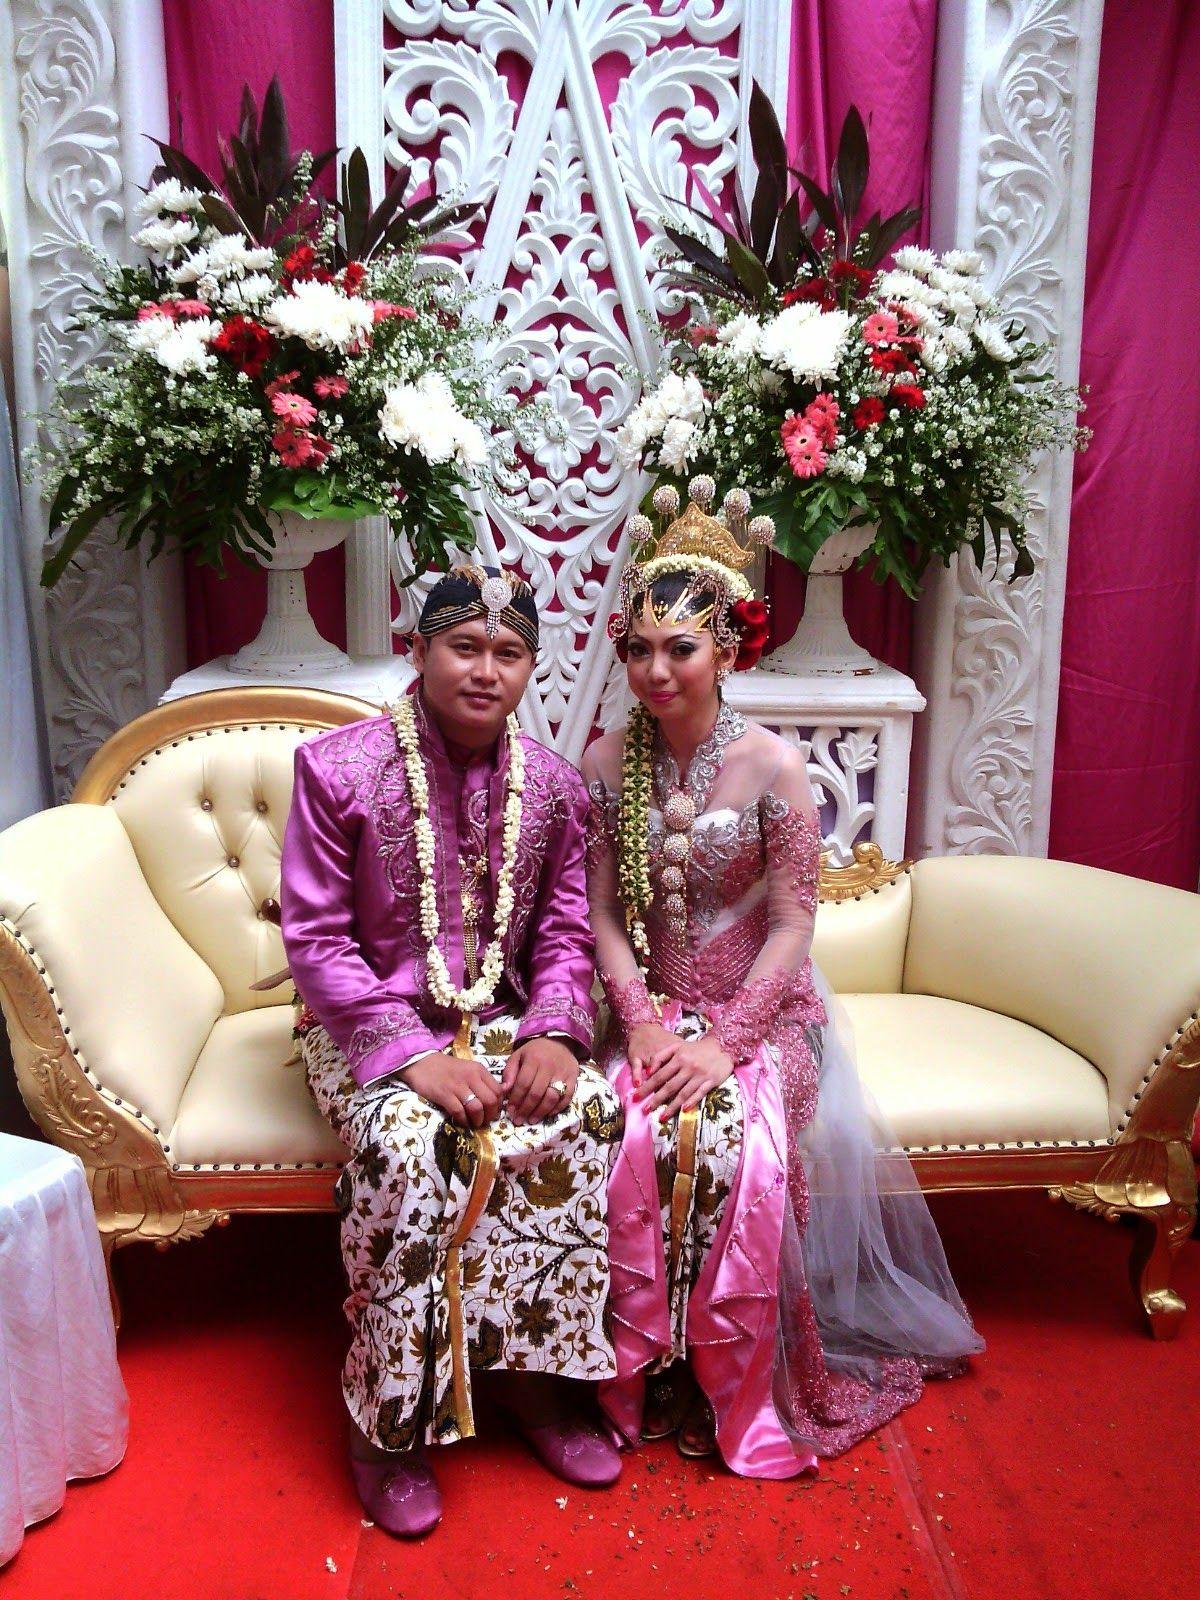 Pernikahan di rumah type acatering murah jakarta harga paket pernikahan di rumah type acatering murah jakarta harga paket pernikahan lengkap junglespirit Choice Image